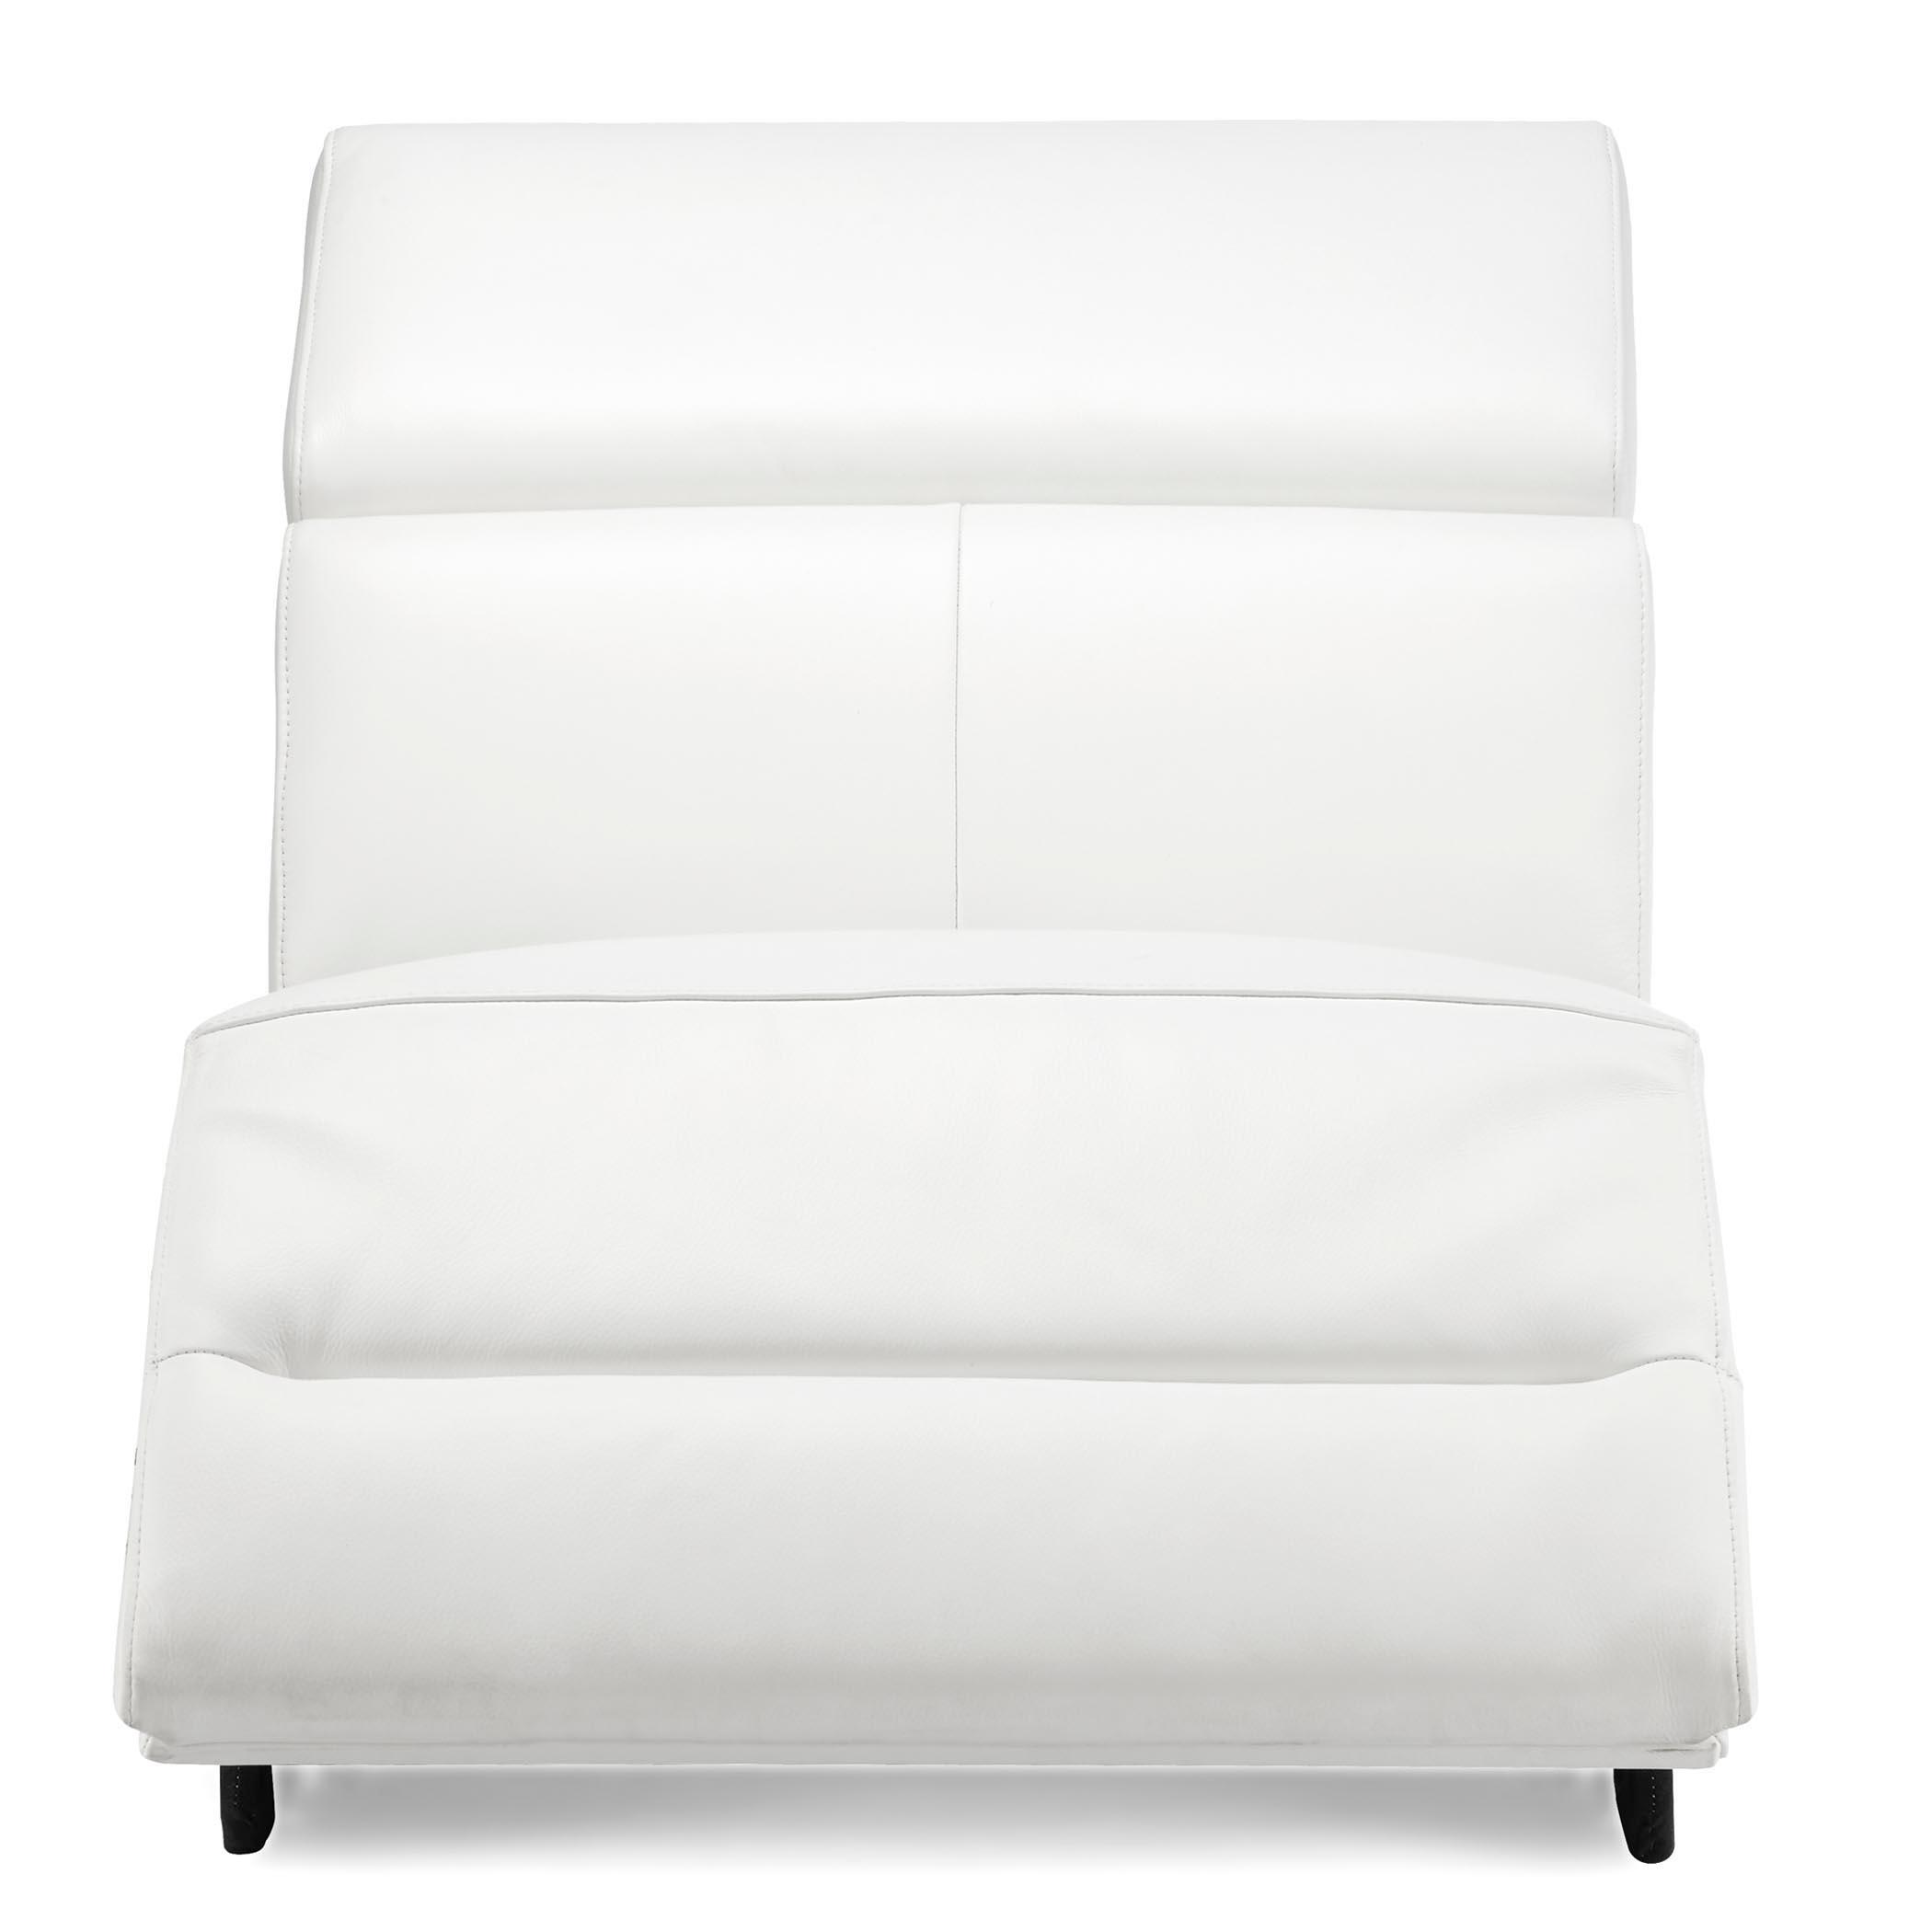 armless chair - power